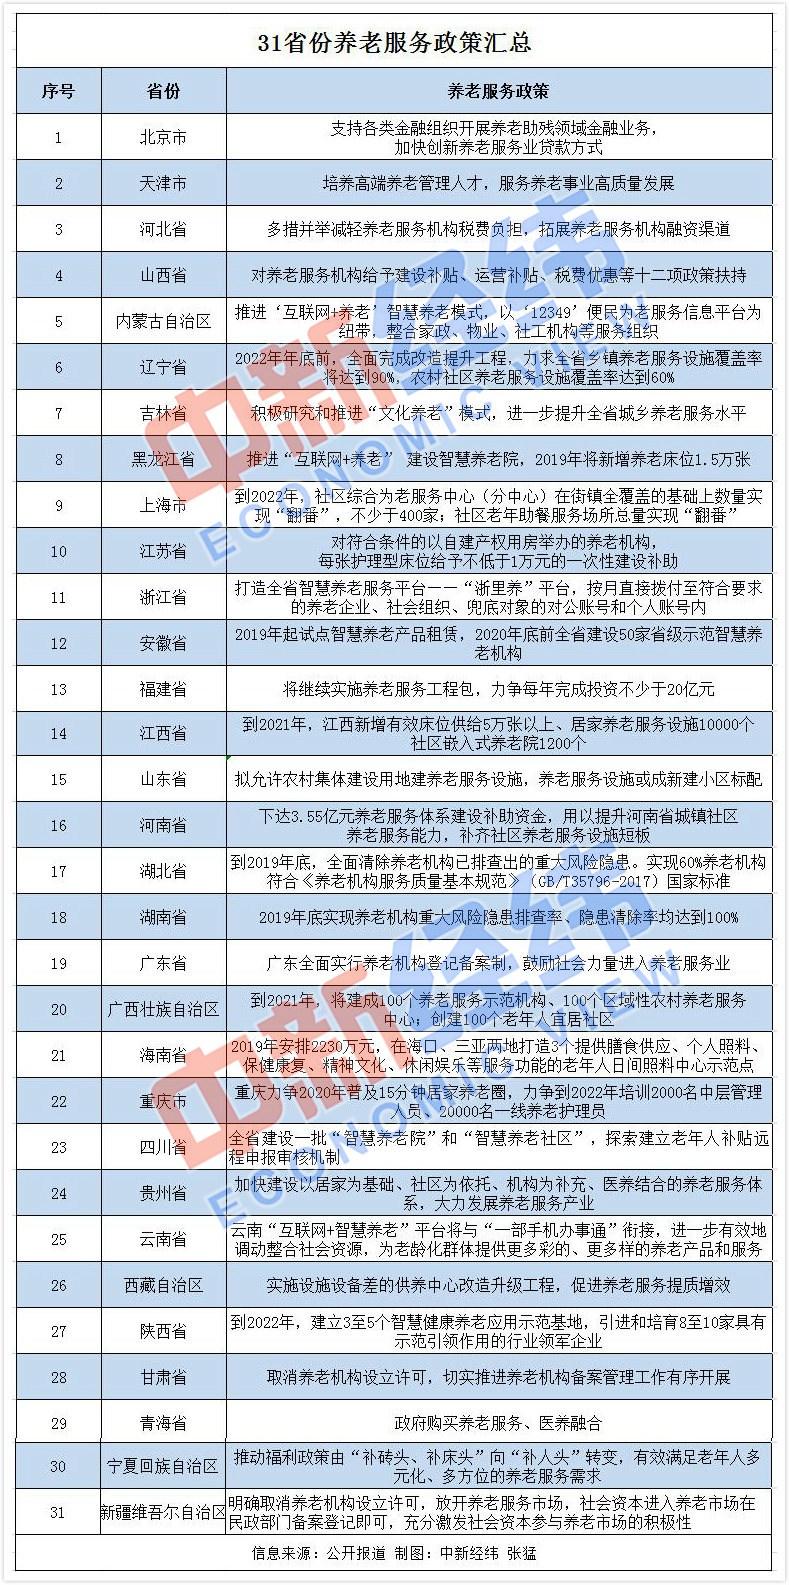 31省养老服务方针都出炉 法定喊话扩大供给-中国网地产